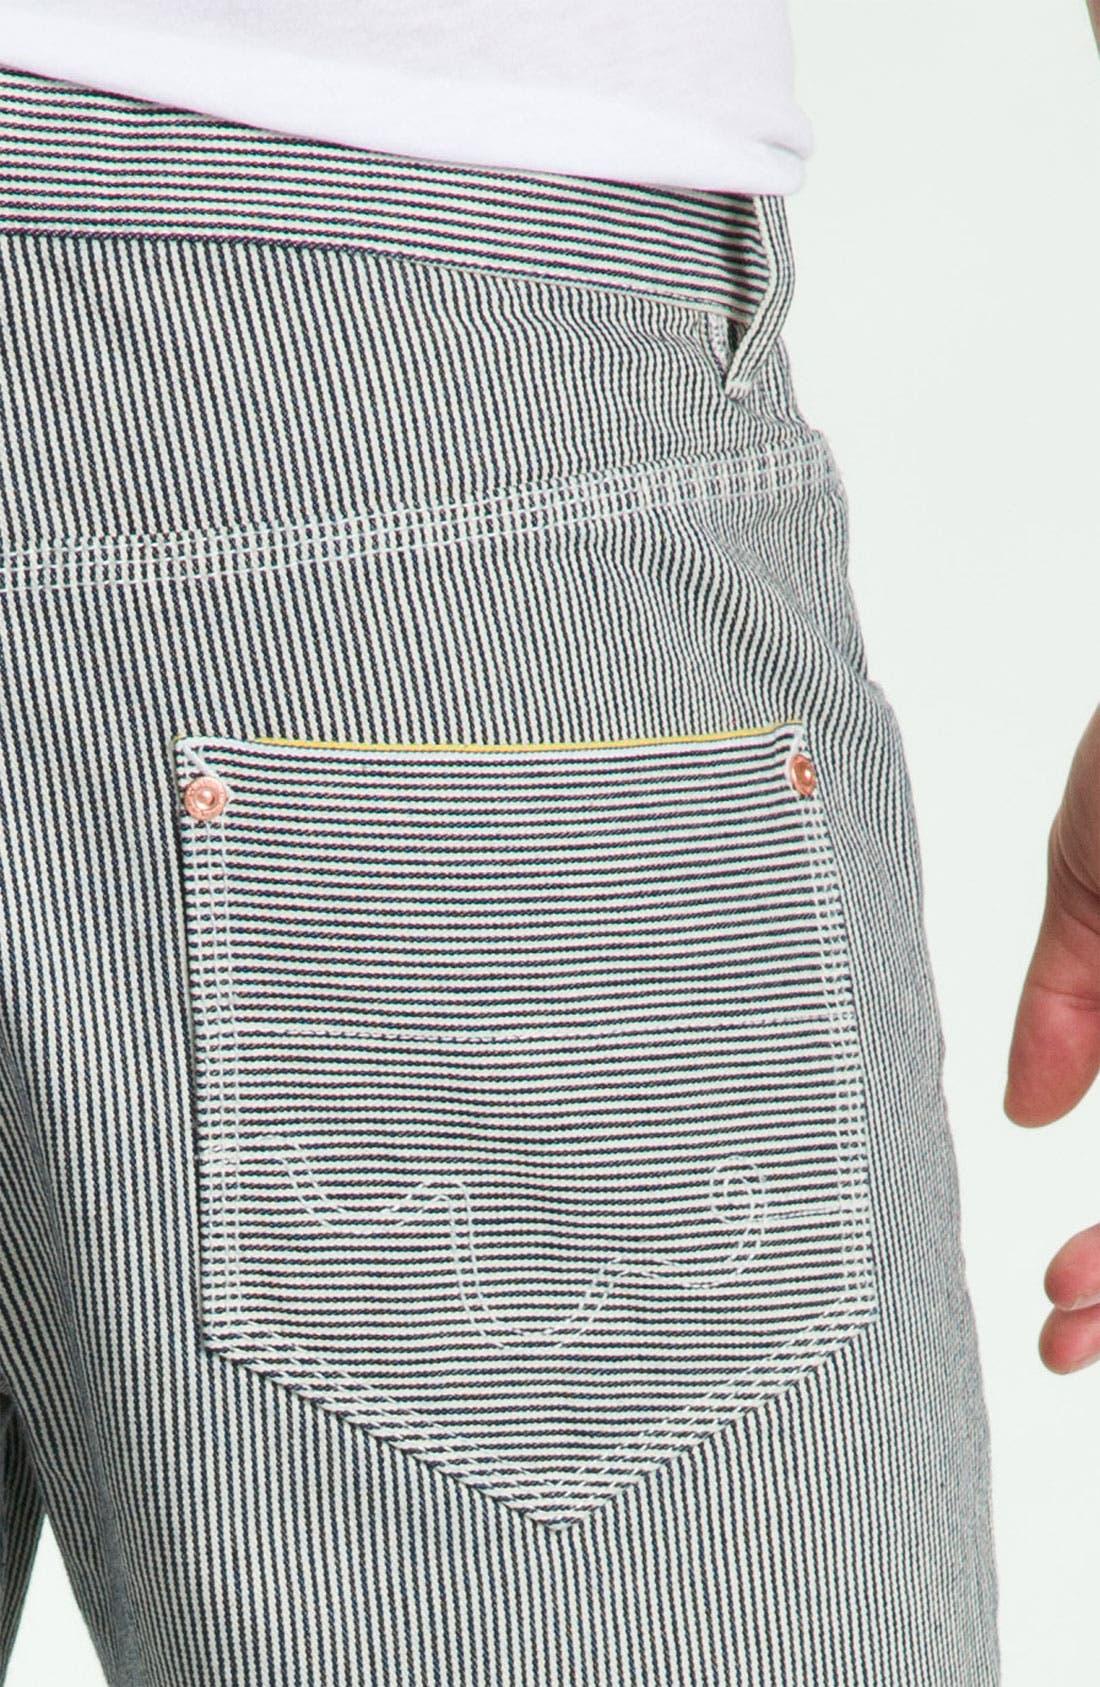 Alternate Image 3  - WeSC 'Conway' Shorts